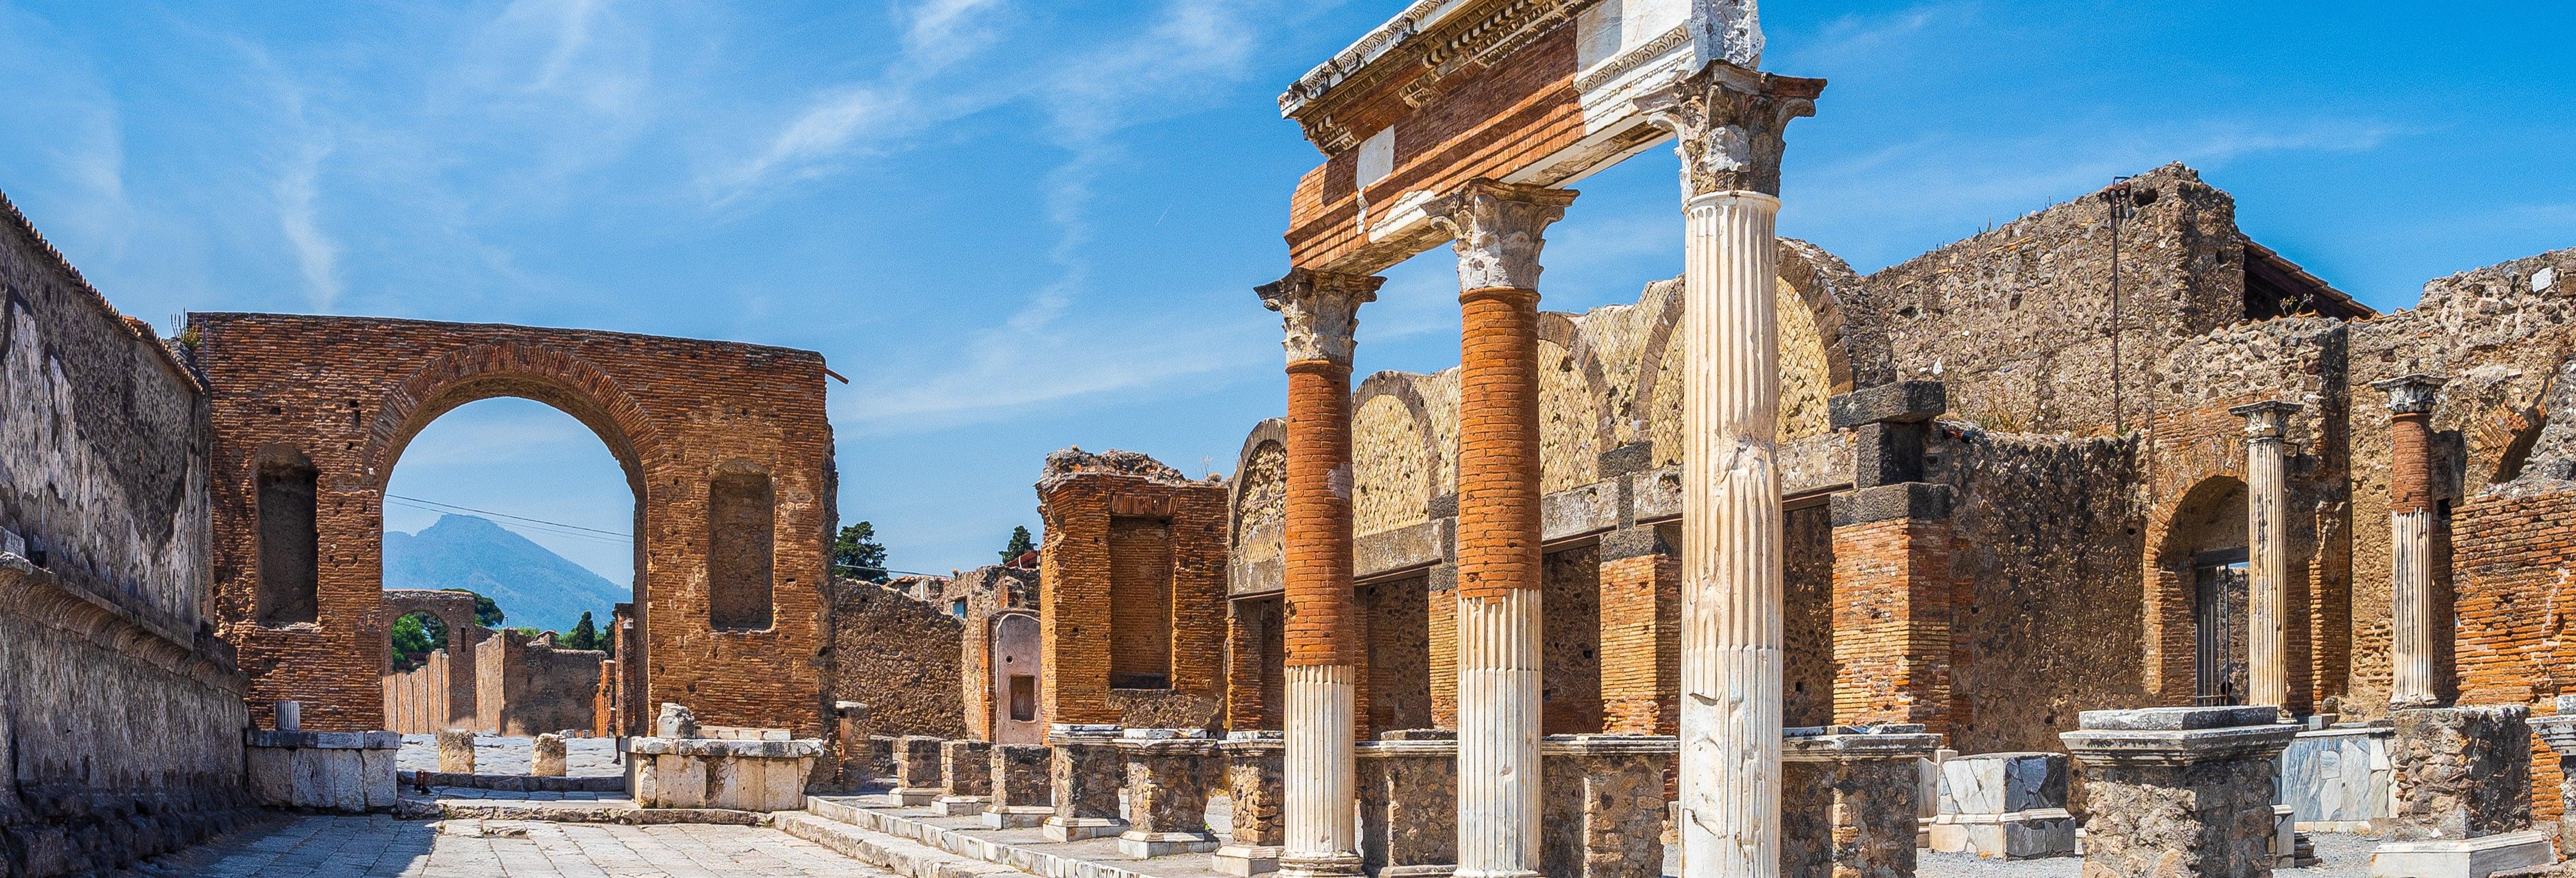 Excursão a Pompeia e ao Vesúvio